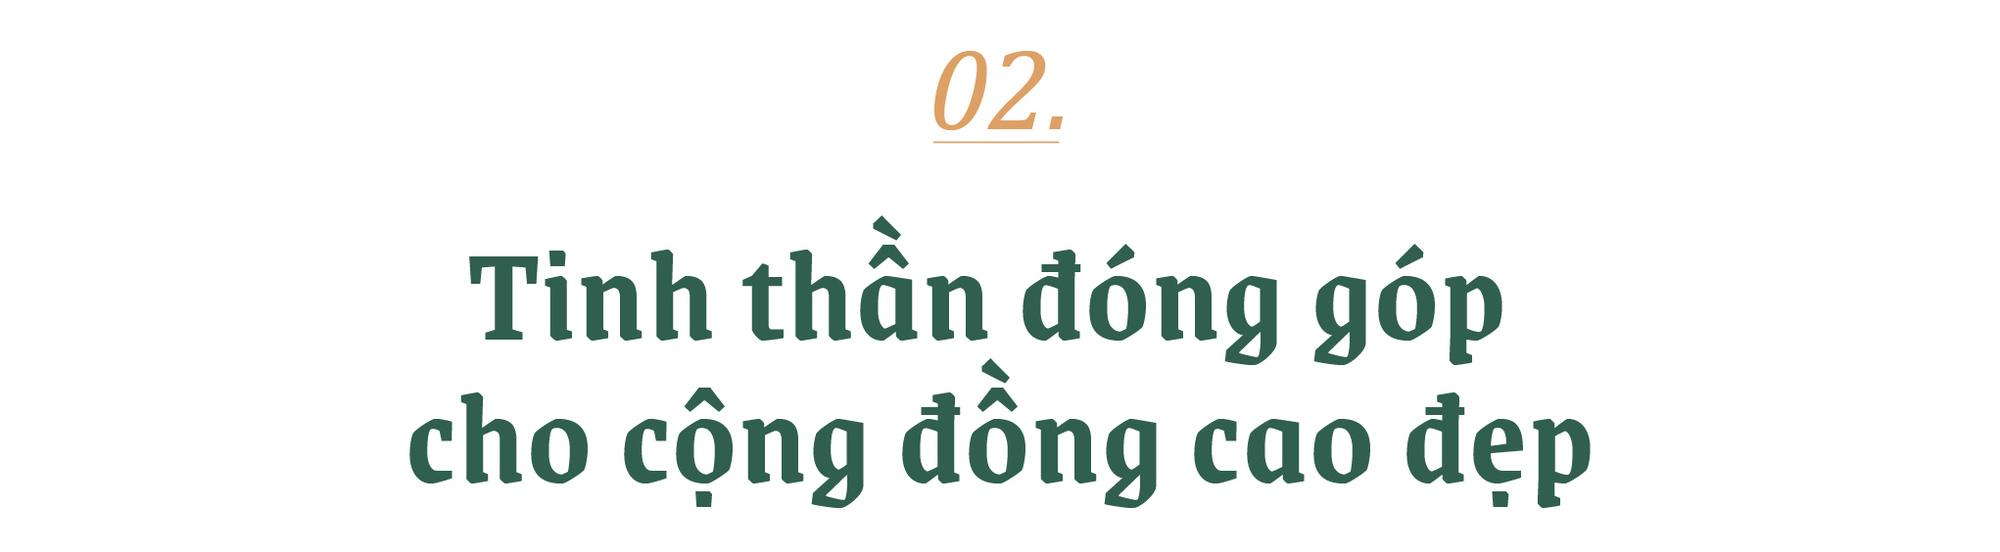 """Định nghĩa """"hạnh phúc"""" đến từ Đan Mạch: giản dị mà bền lâu - Ảnh 4."""